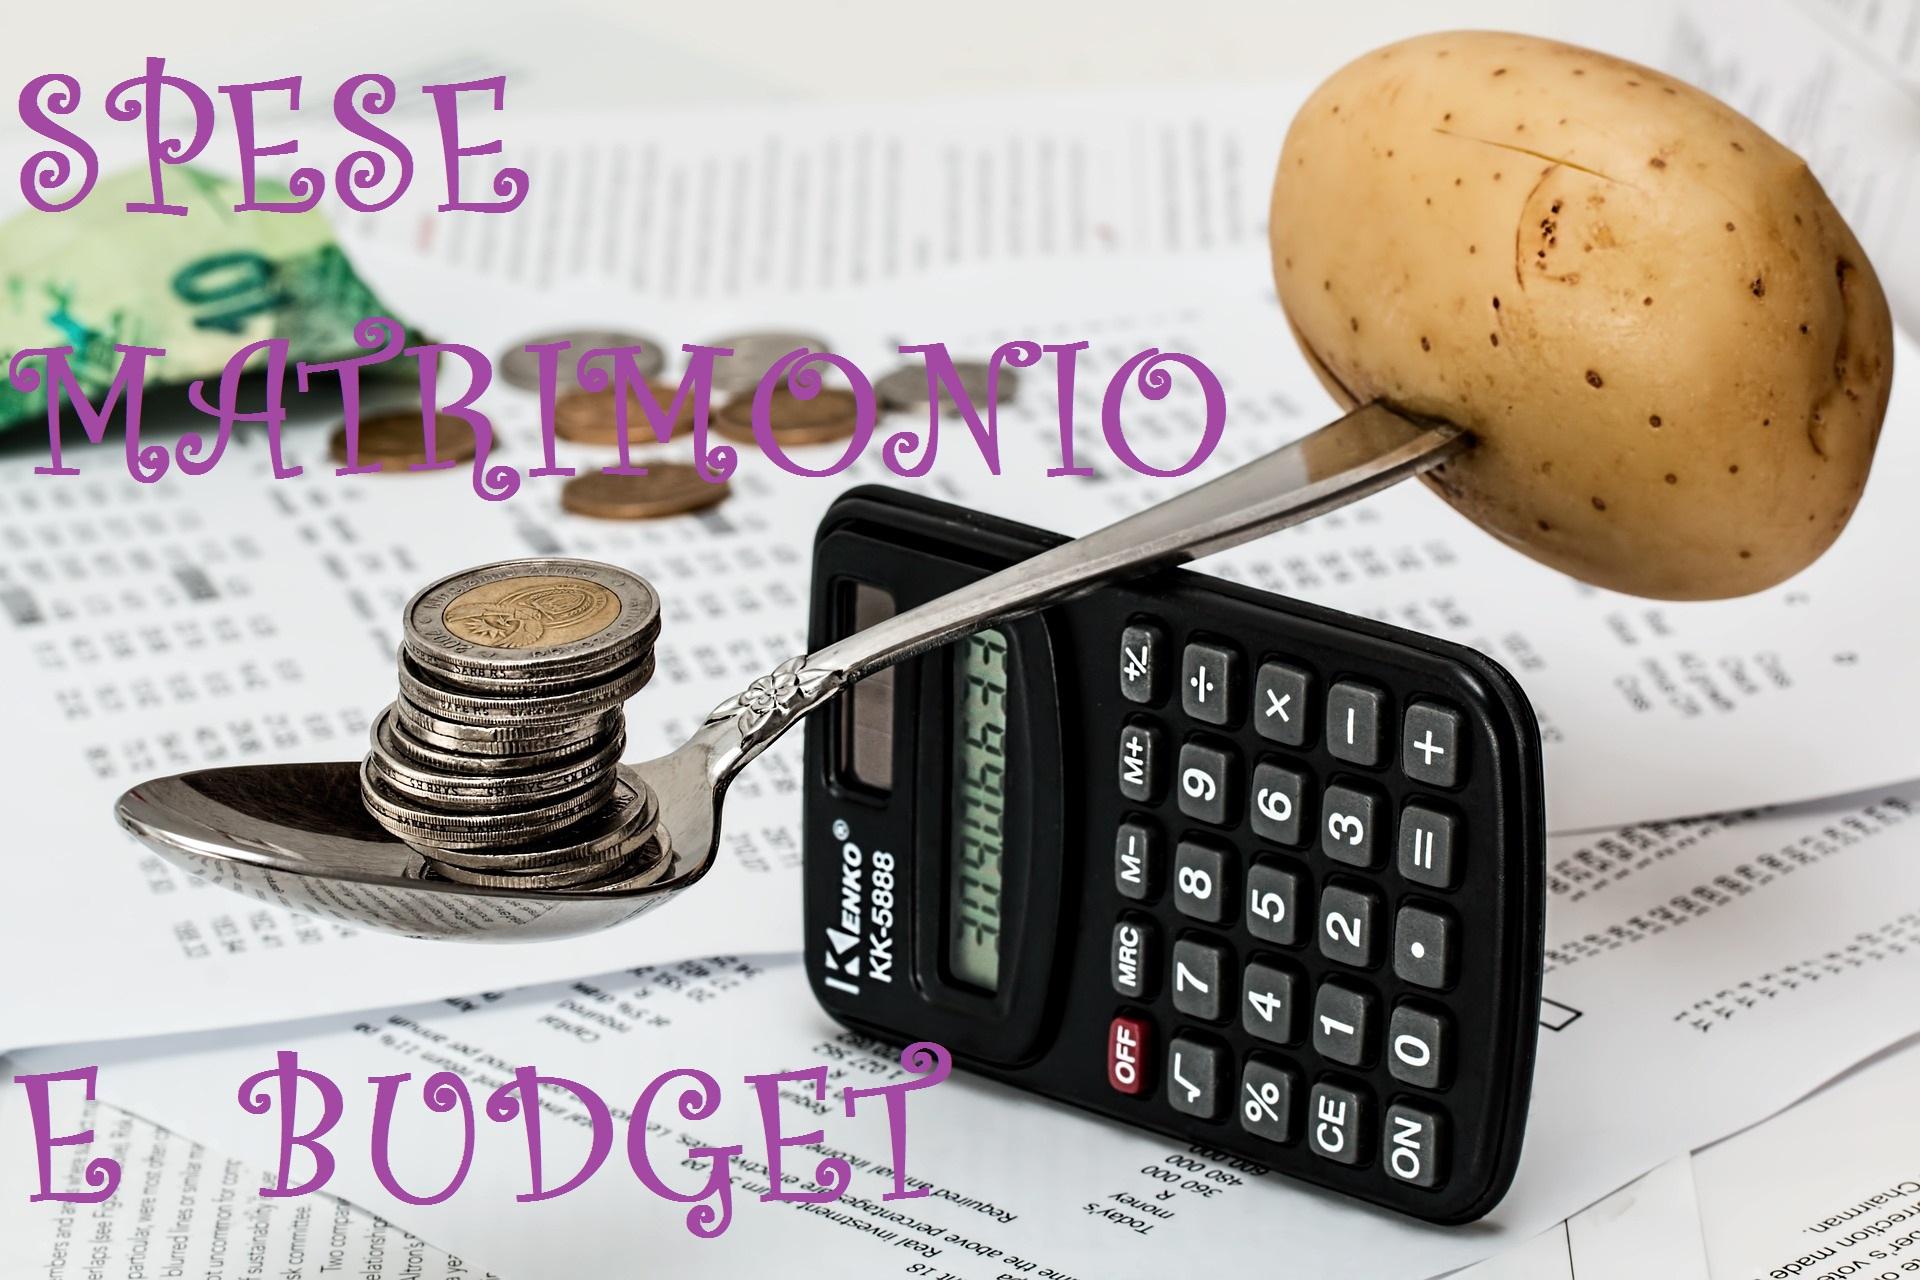 Budget A